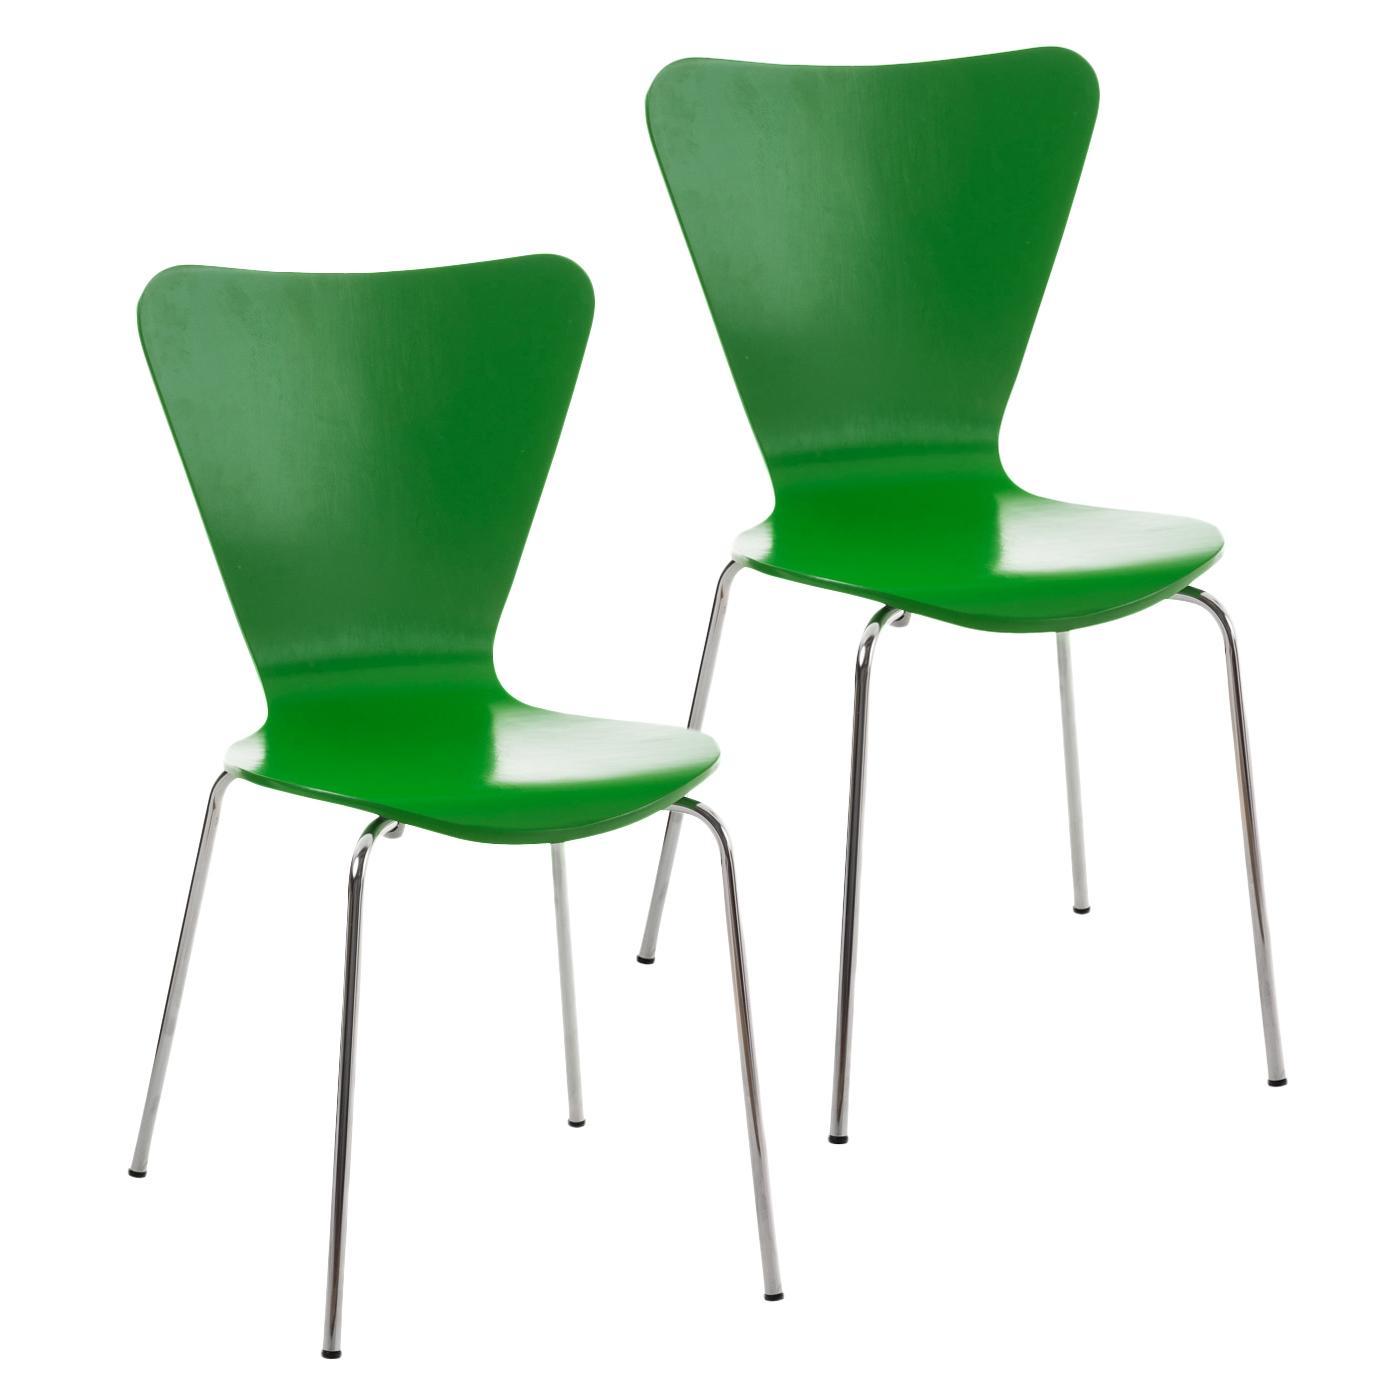 Lote 2 sillas de cocina o comedor lerma en verde lote 2 for Sillas para quincho apilables